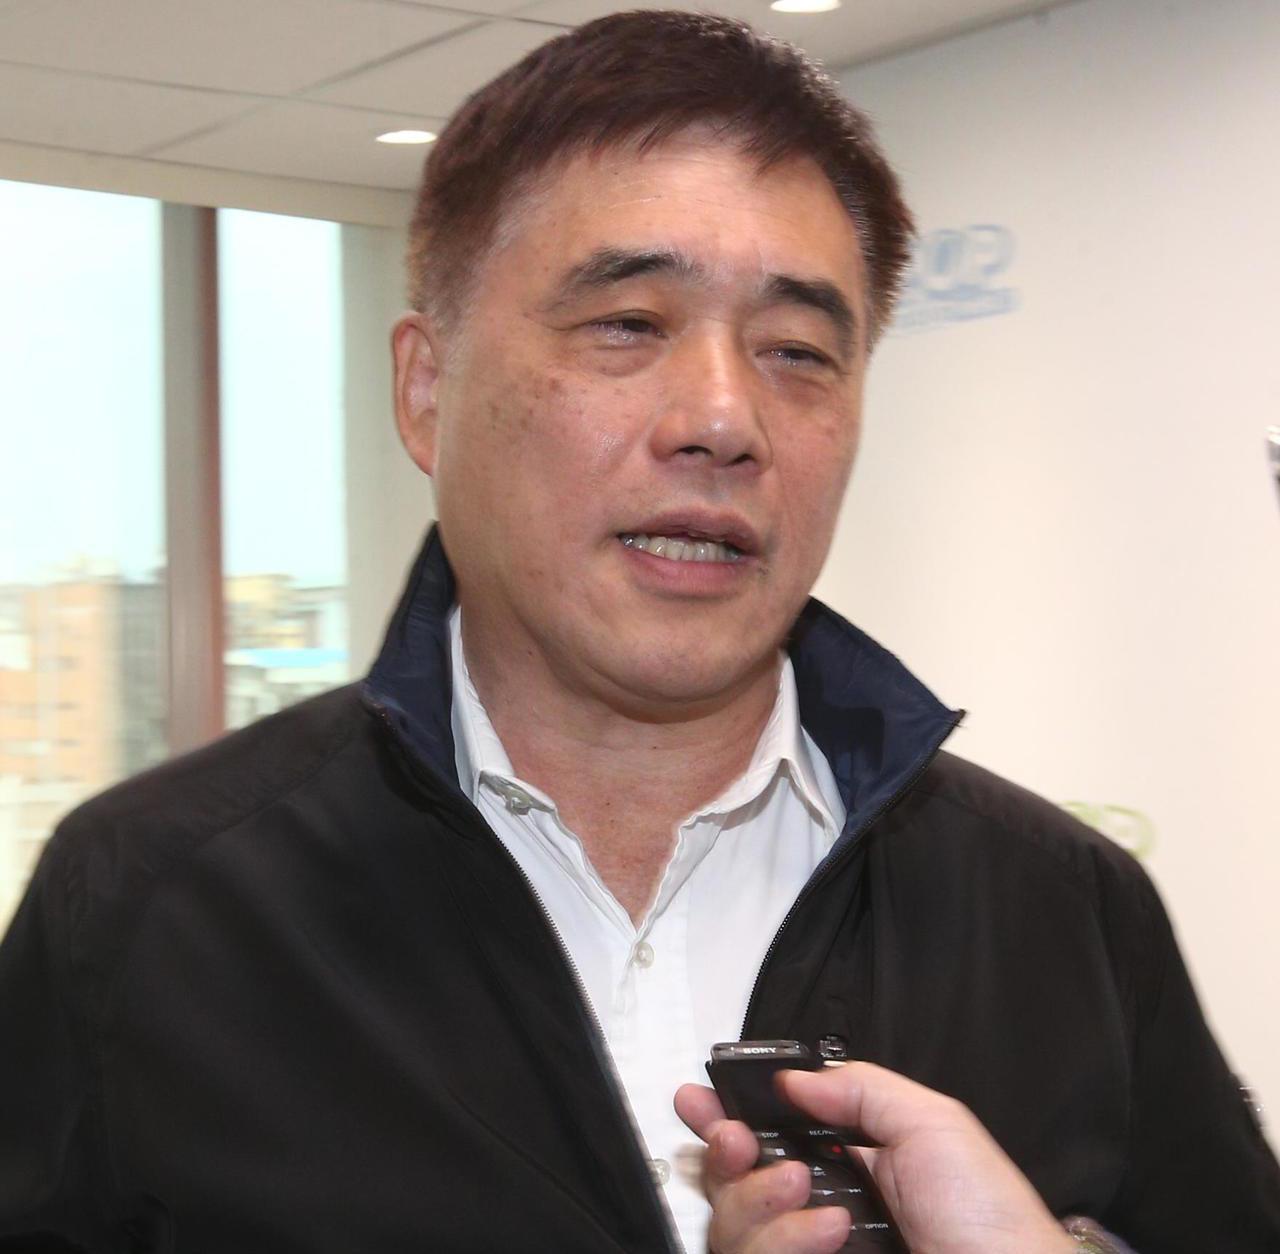 國民黨副主席郝龍斌晚間表示,教育部有錯就改是負責任做法,揶揄只要是對的髮夾彎,人...